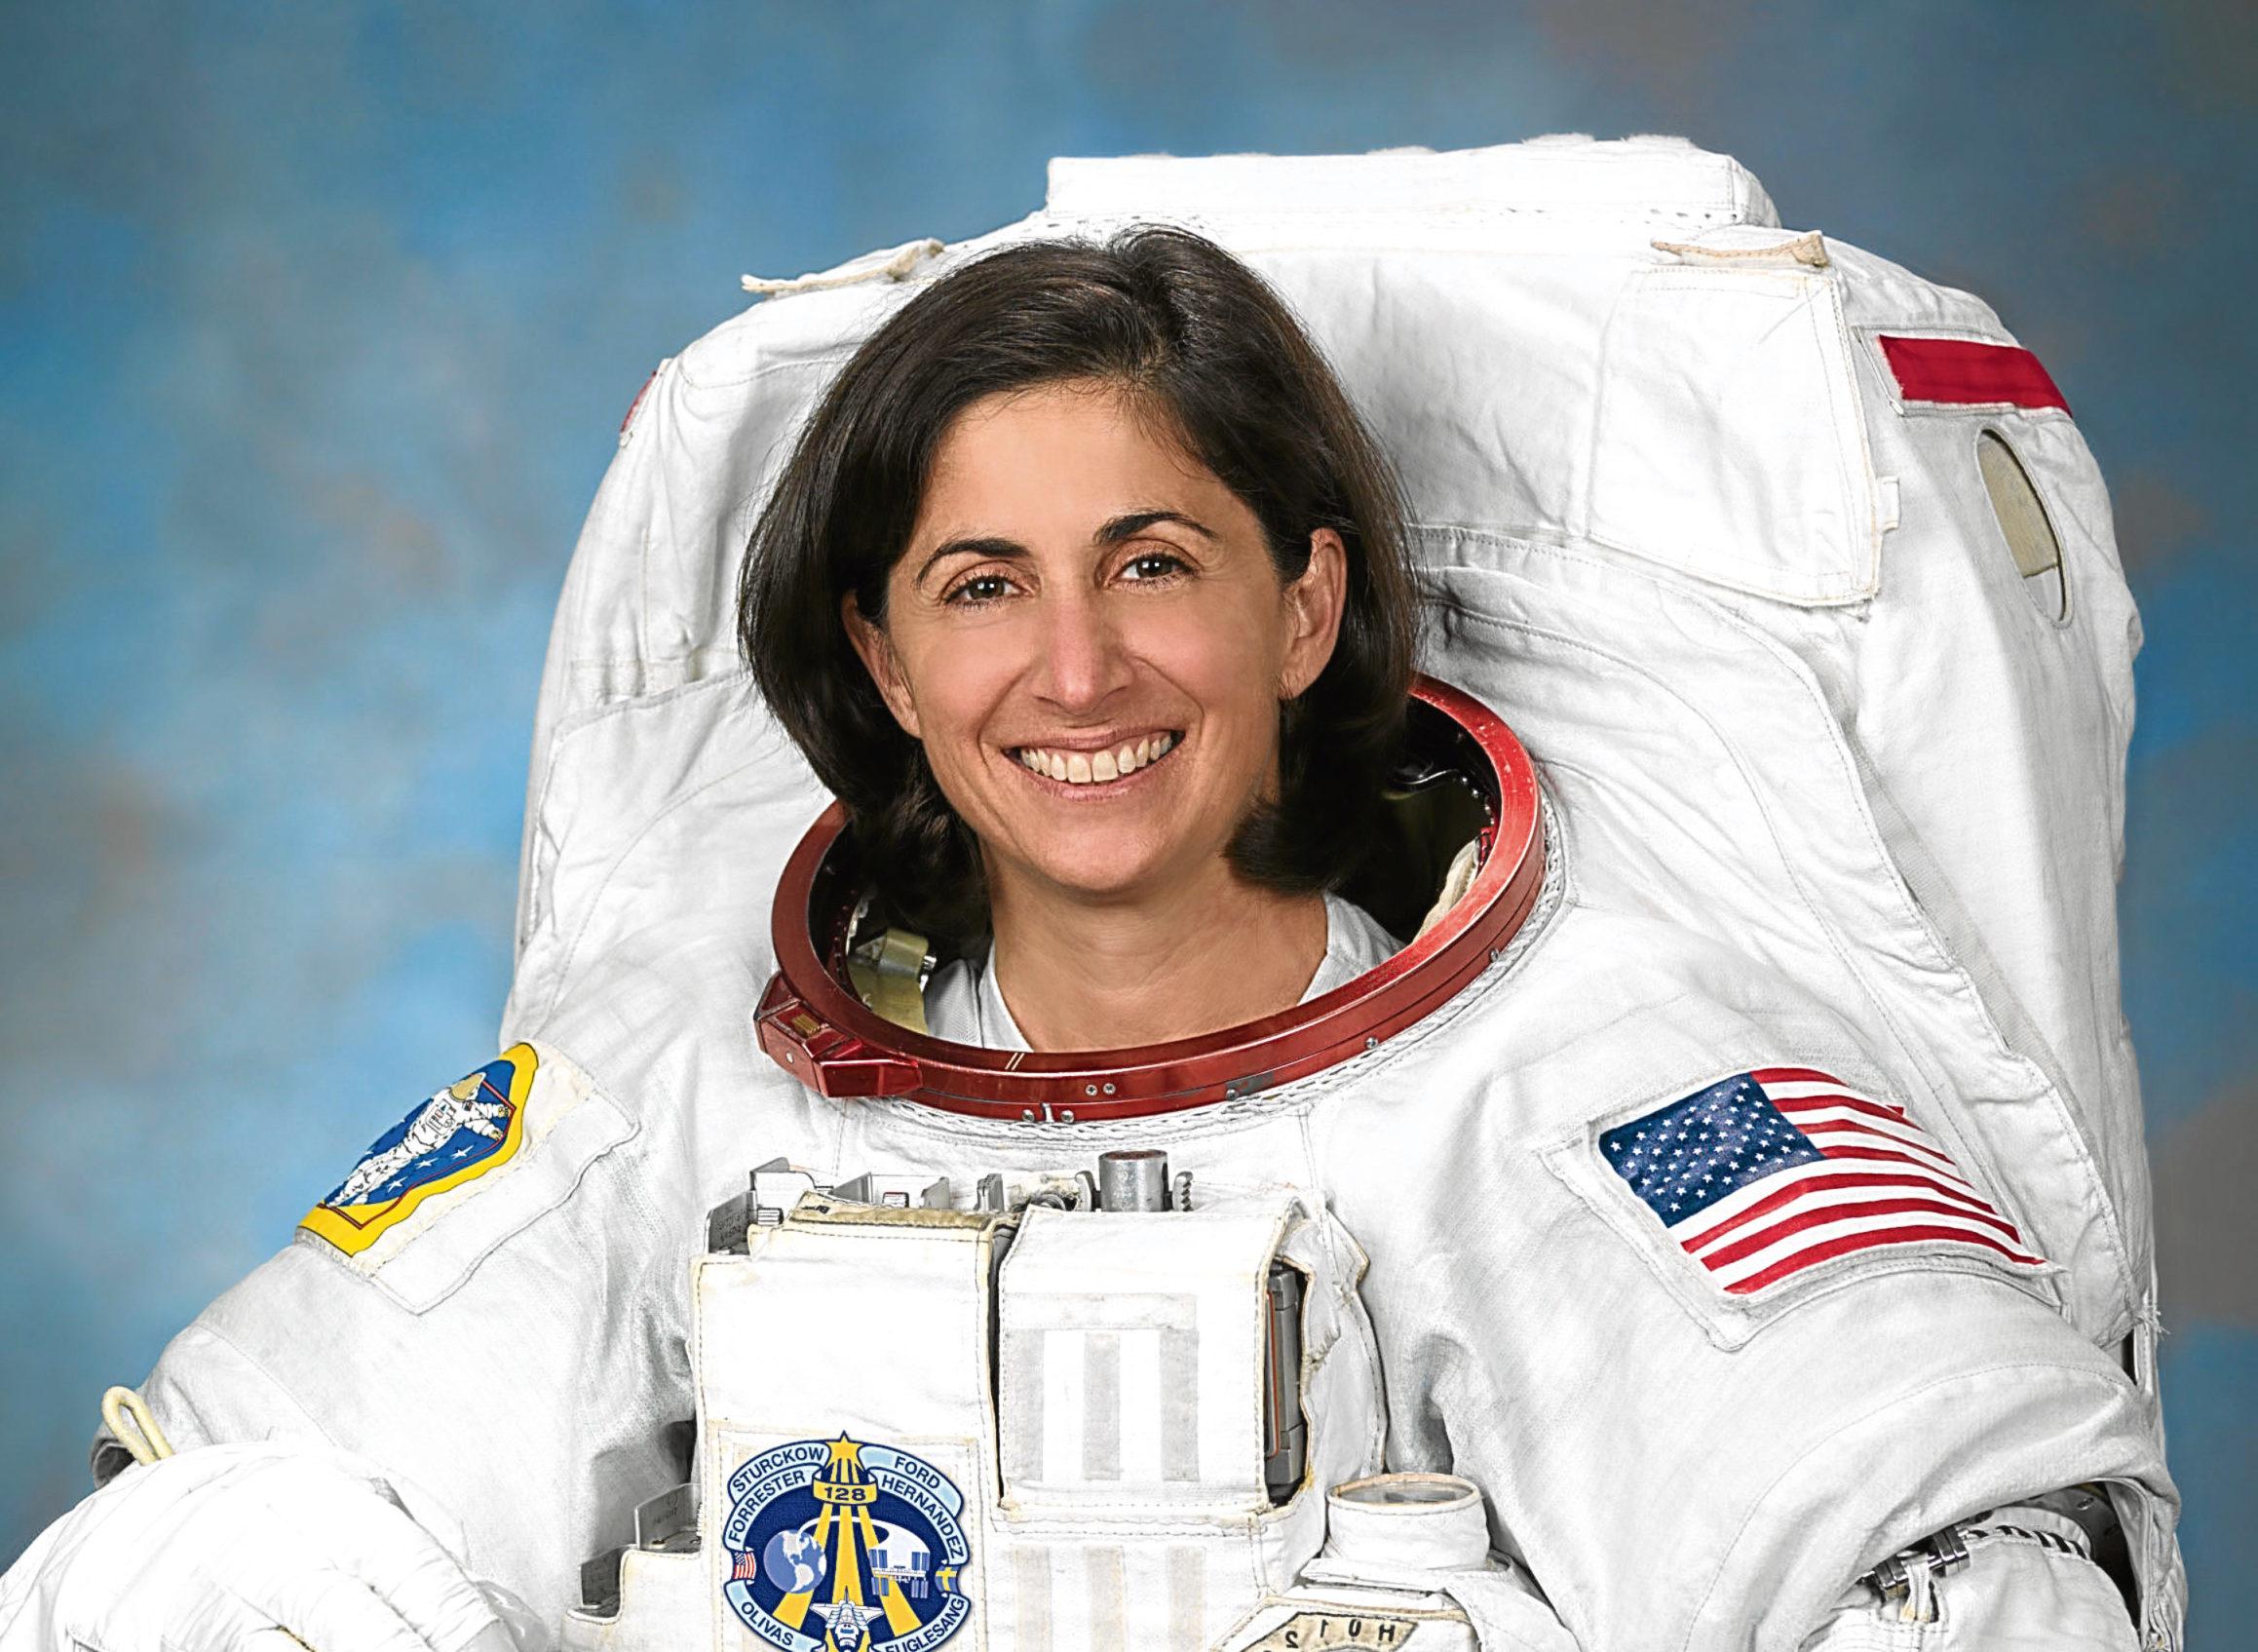 Official Portrait of NASA Astronaut Nicole Stott in an EUM. (Robert Markowitz)